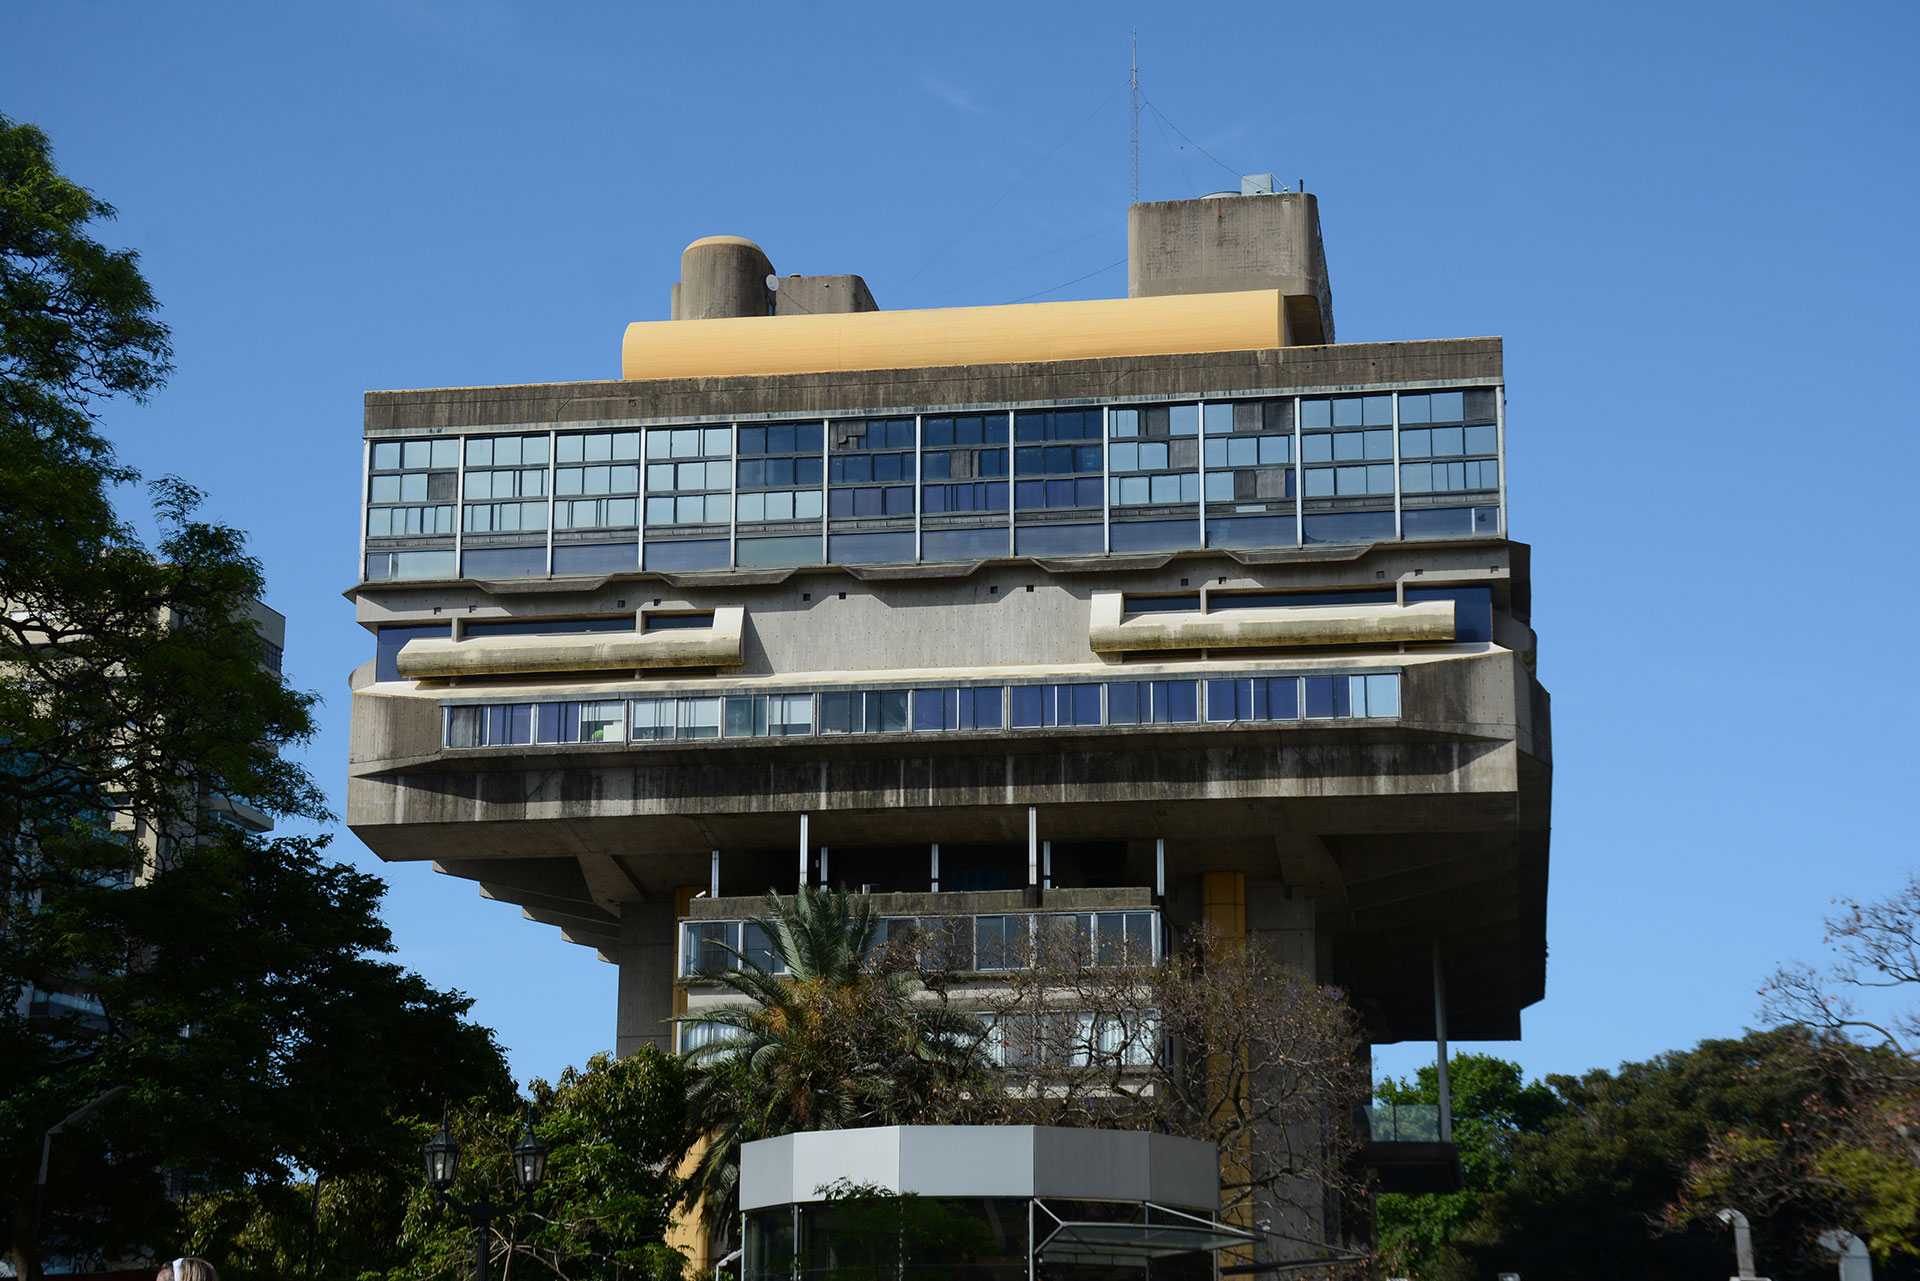 Existe una división programática en organismos funcionales independientes articulados mediante plazas y terrazas, y una exaltación y concentración de su estructura en cuatro pilares